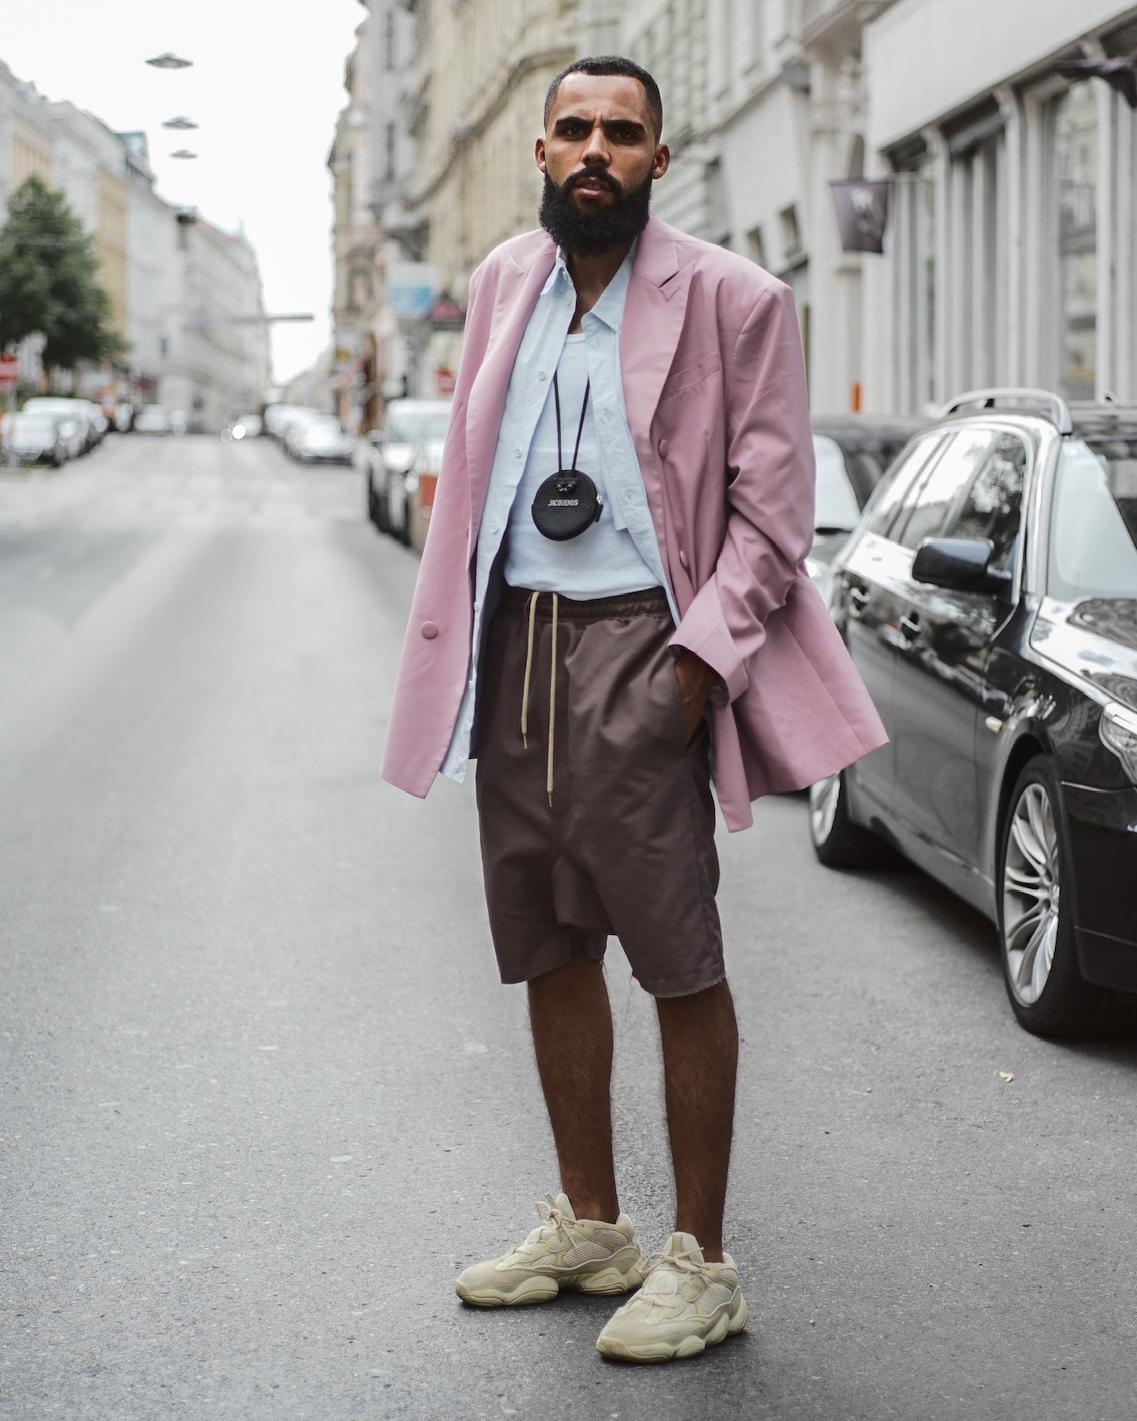 Pastellfarben Modetrend: Street Style Shot von Jean-Claude Mpassy